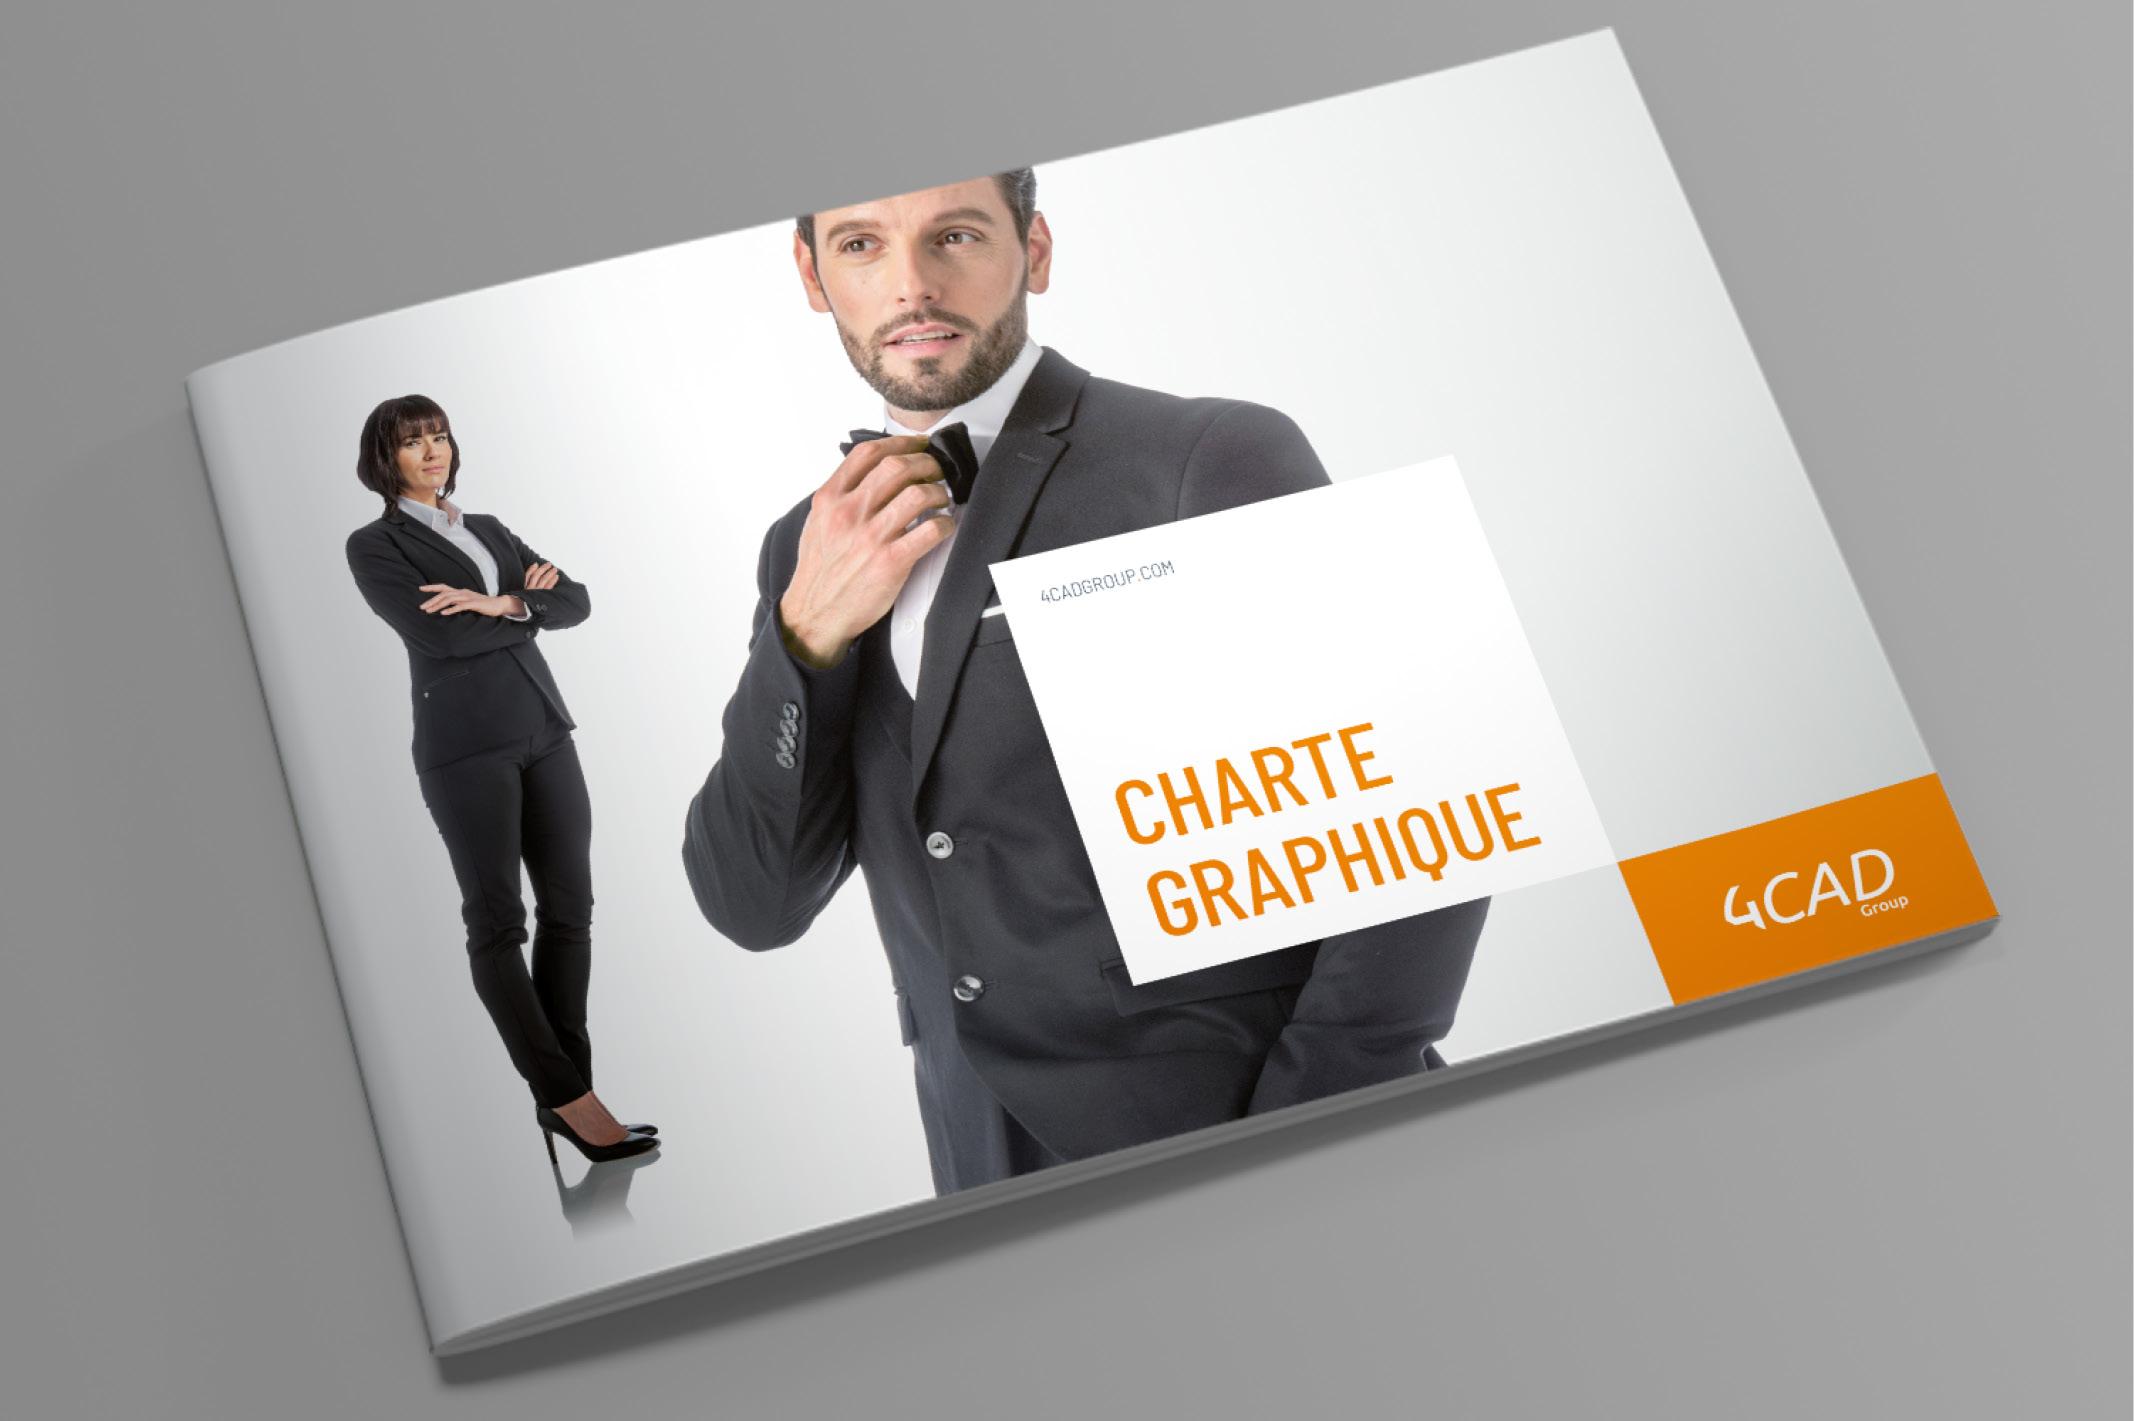 Création d'une charte graphique pour le stand évolutif de la société 4CAD.